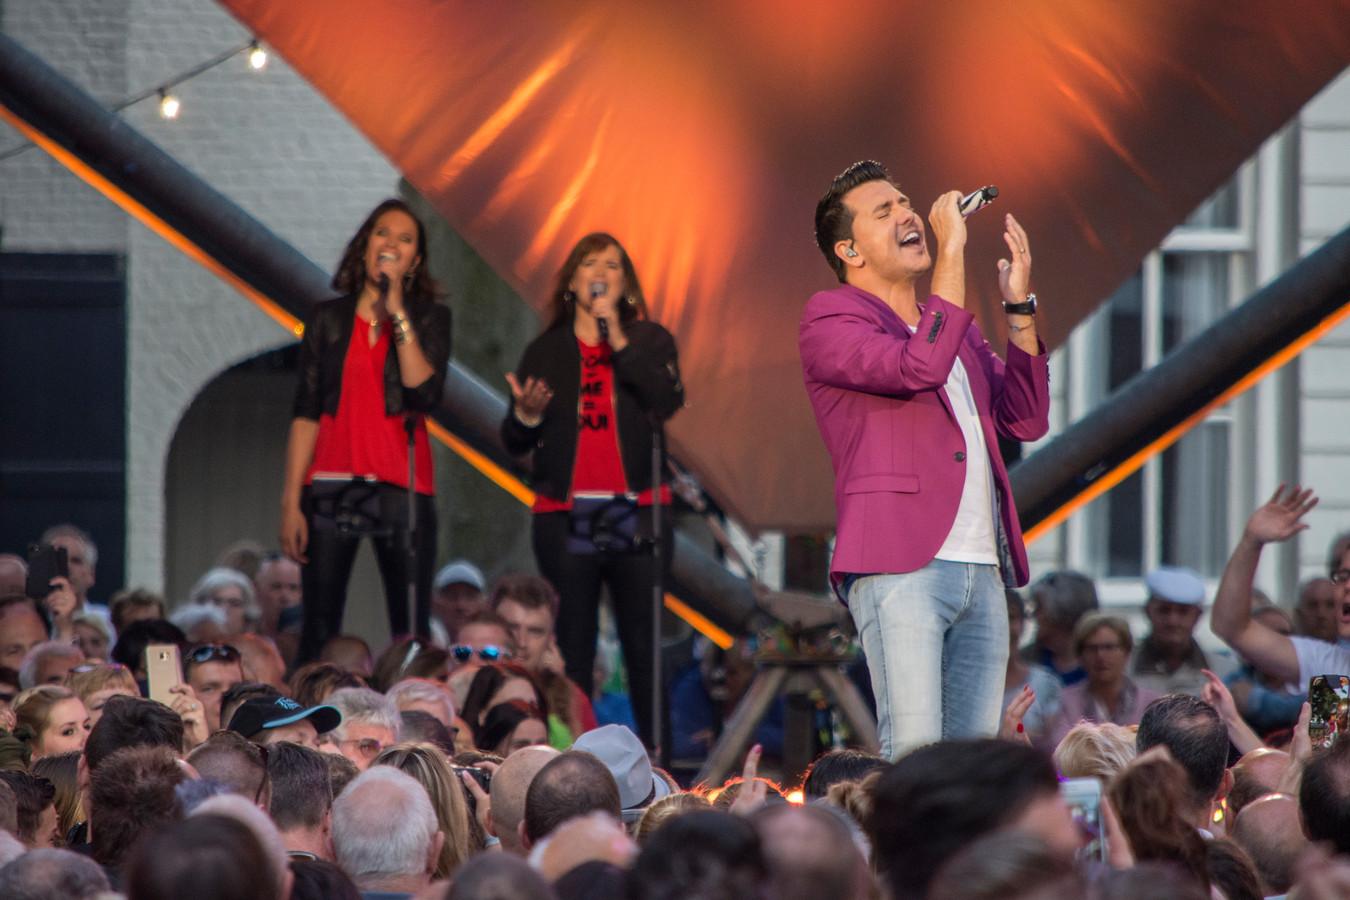 Muziekfeest op het Plein werd in 2017 in Hilvarenbeek gehouden.